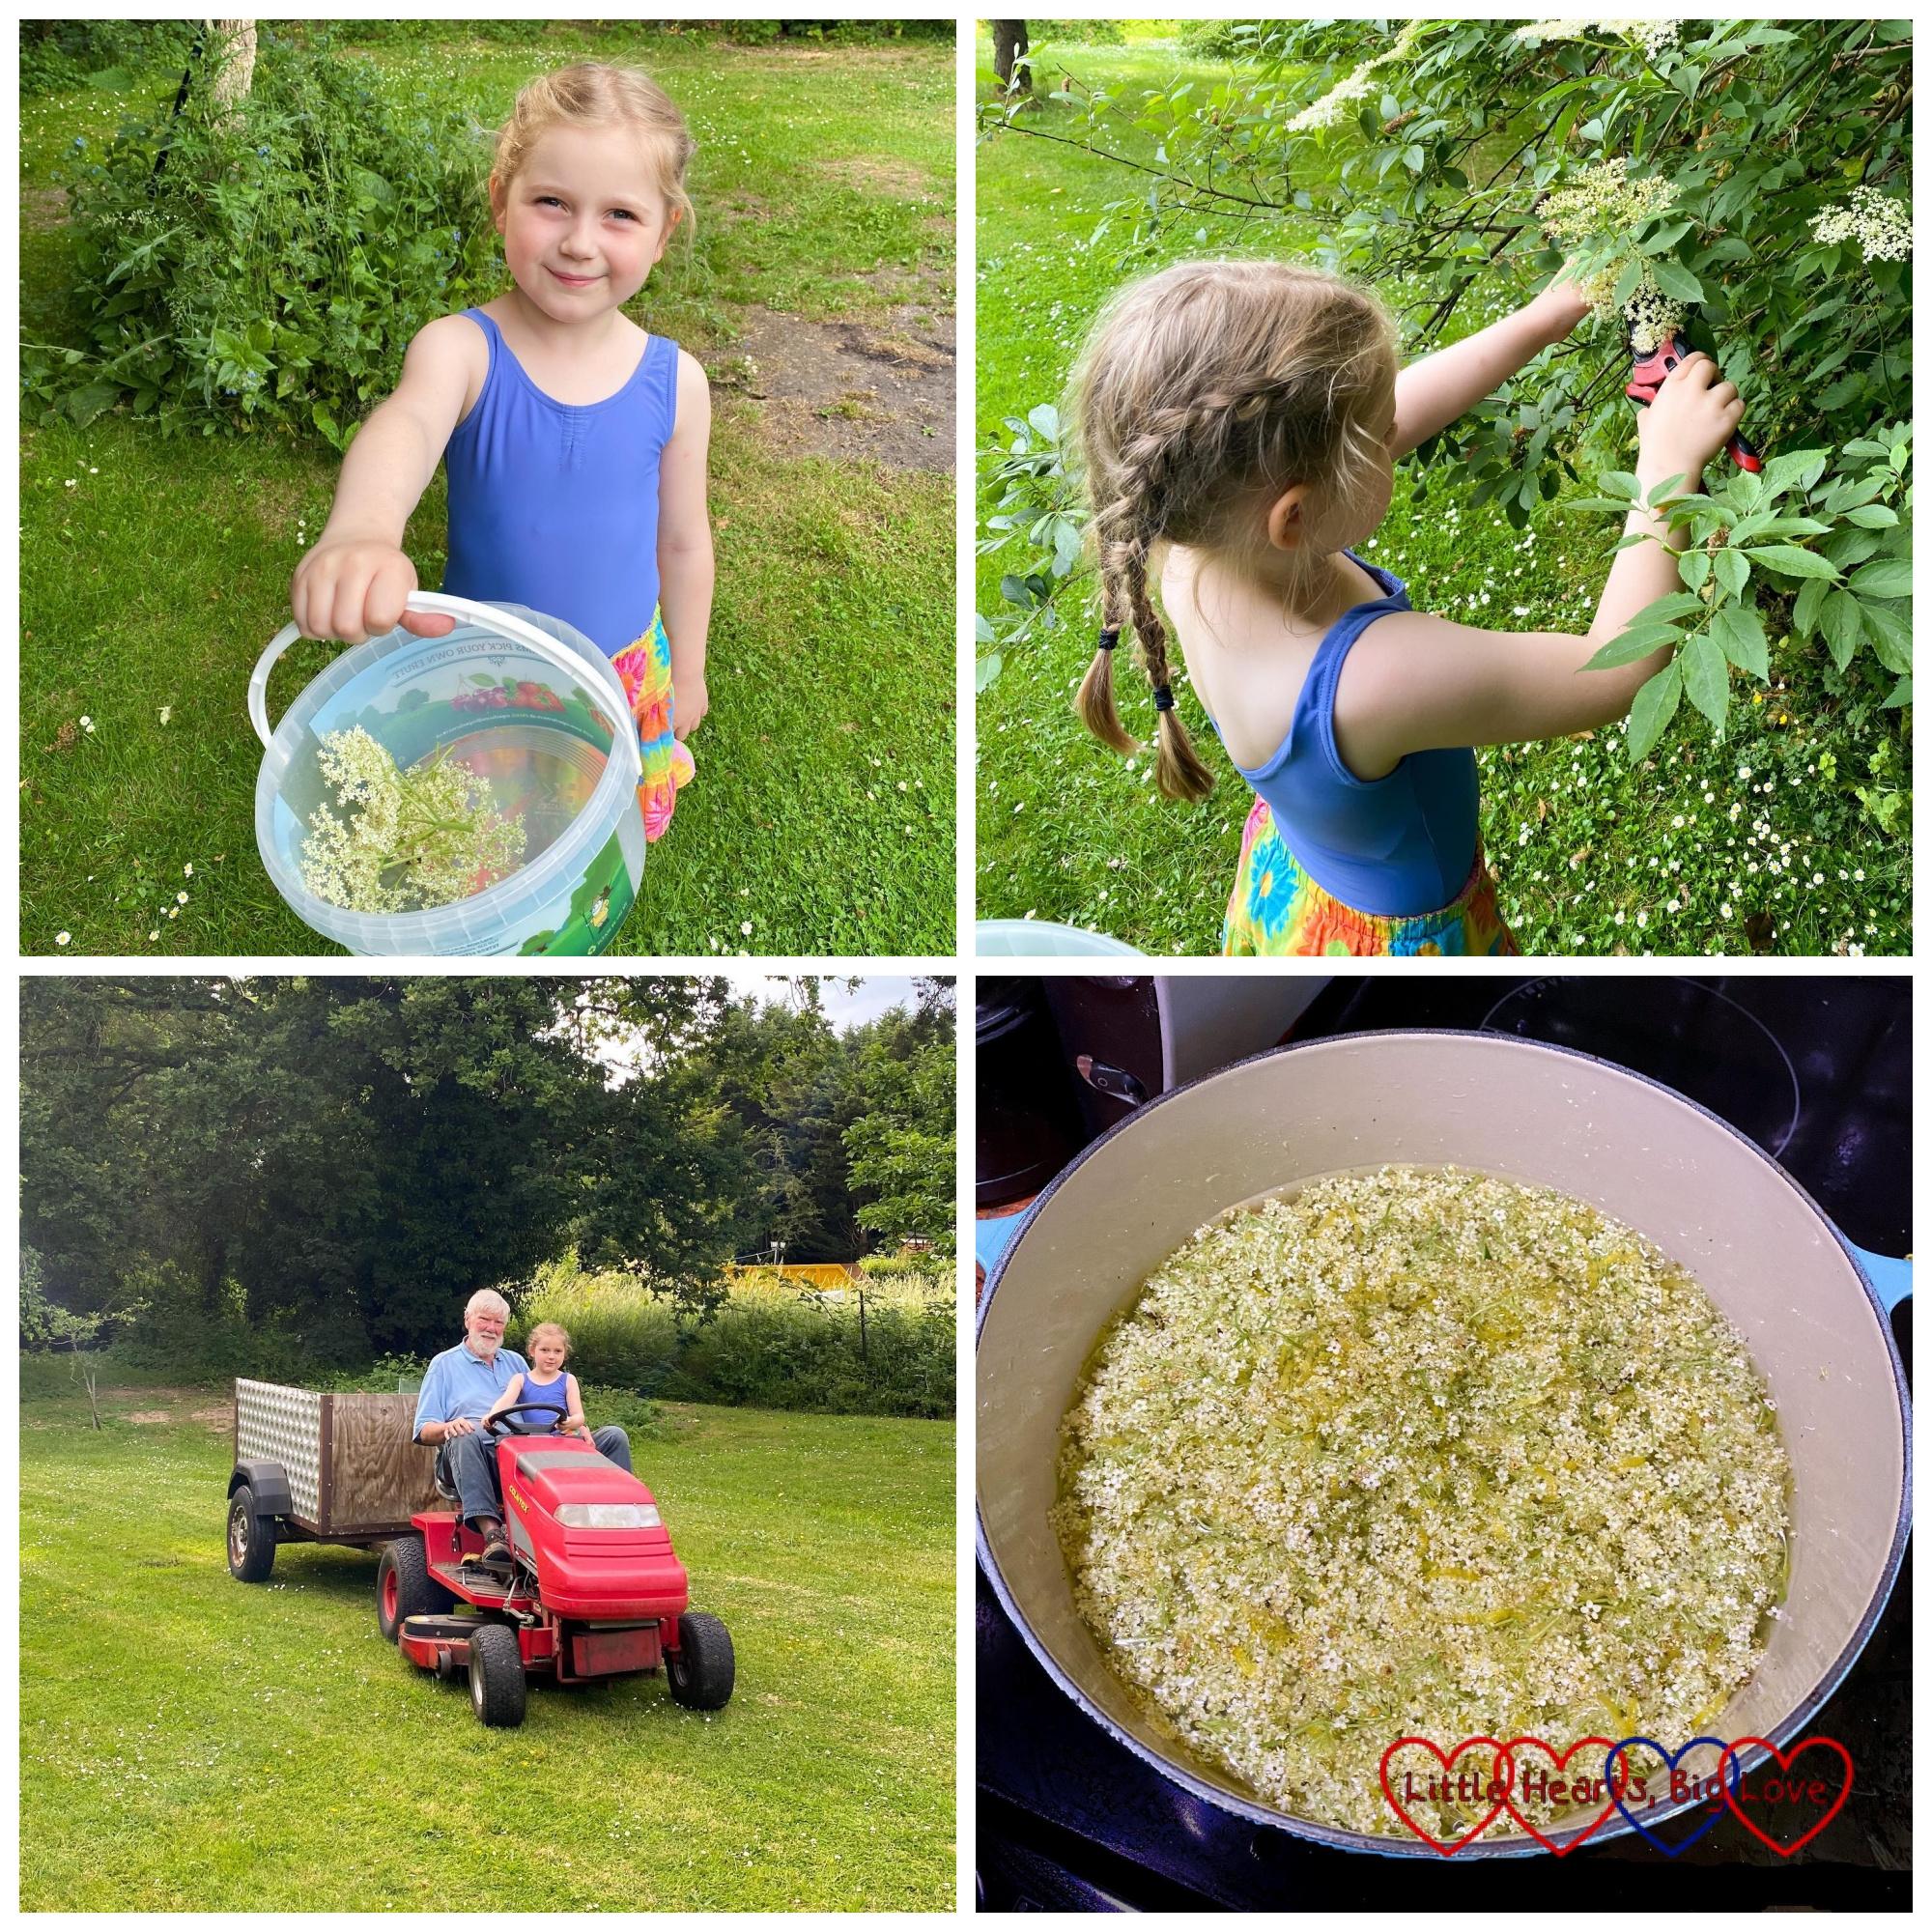 Sophie collecting elderflowers in a bucket; Sophie cutting off elderflowers from the tree; Sophie riding with Grandad on his mower; elderflowers in lemony syrup